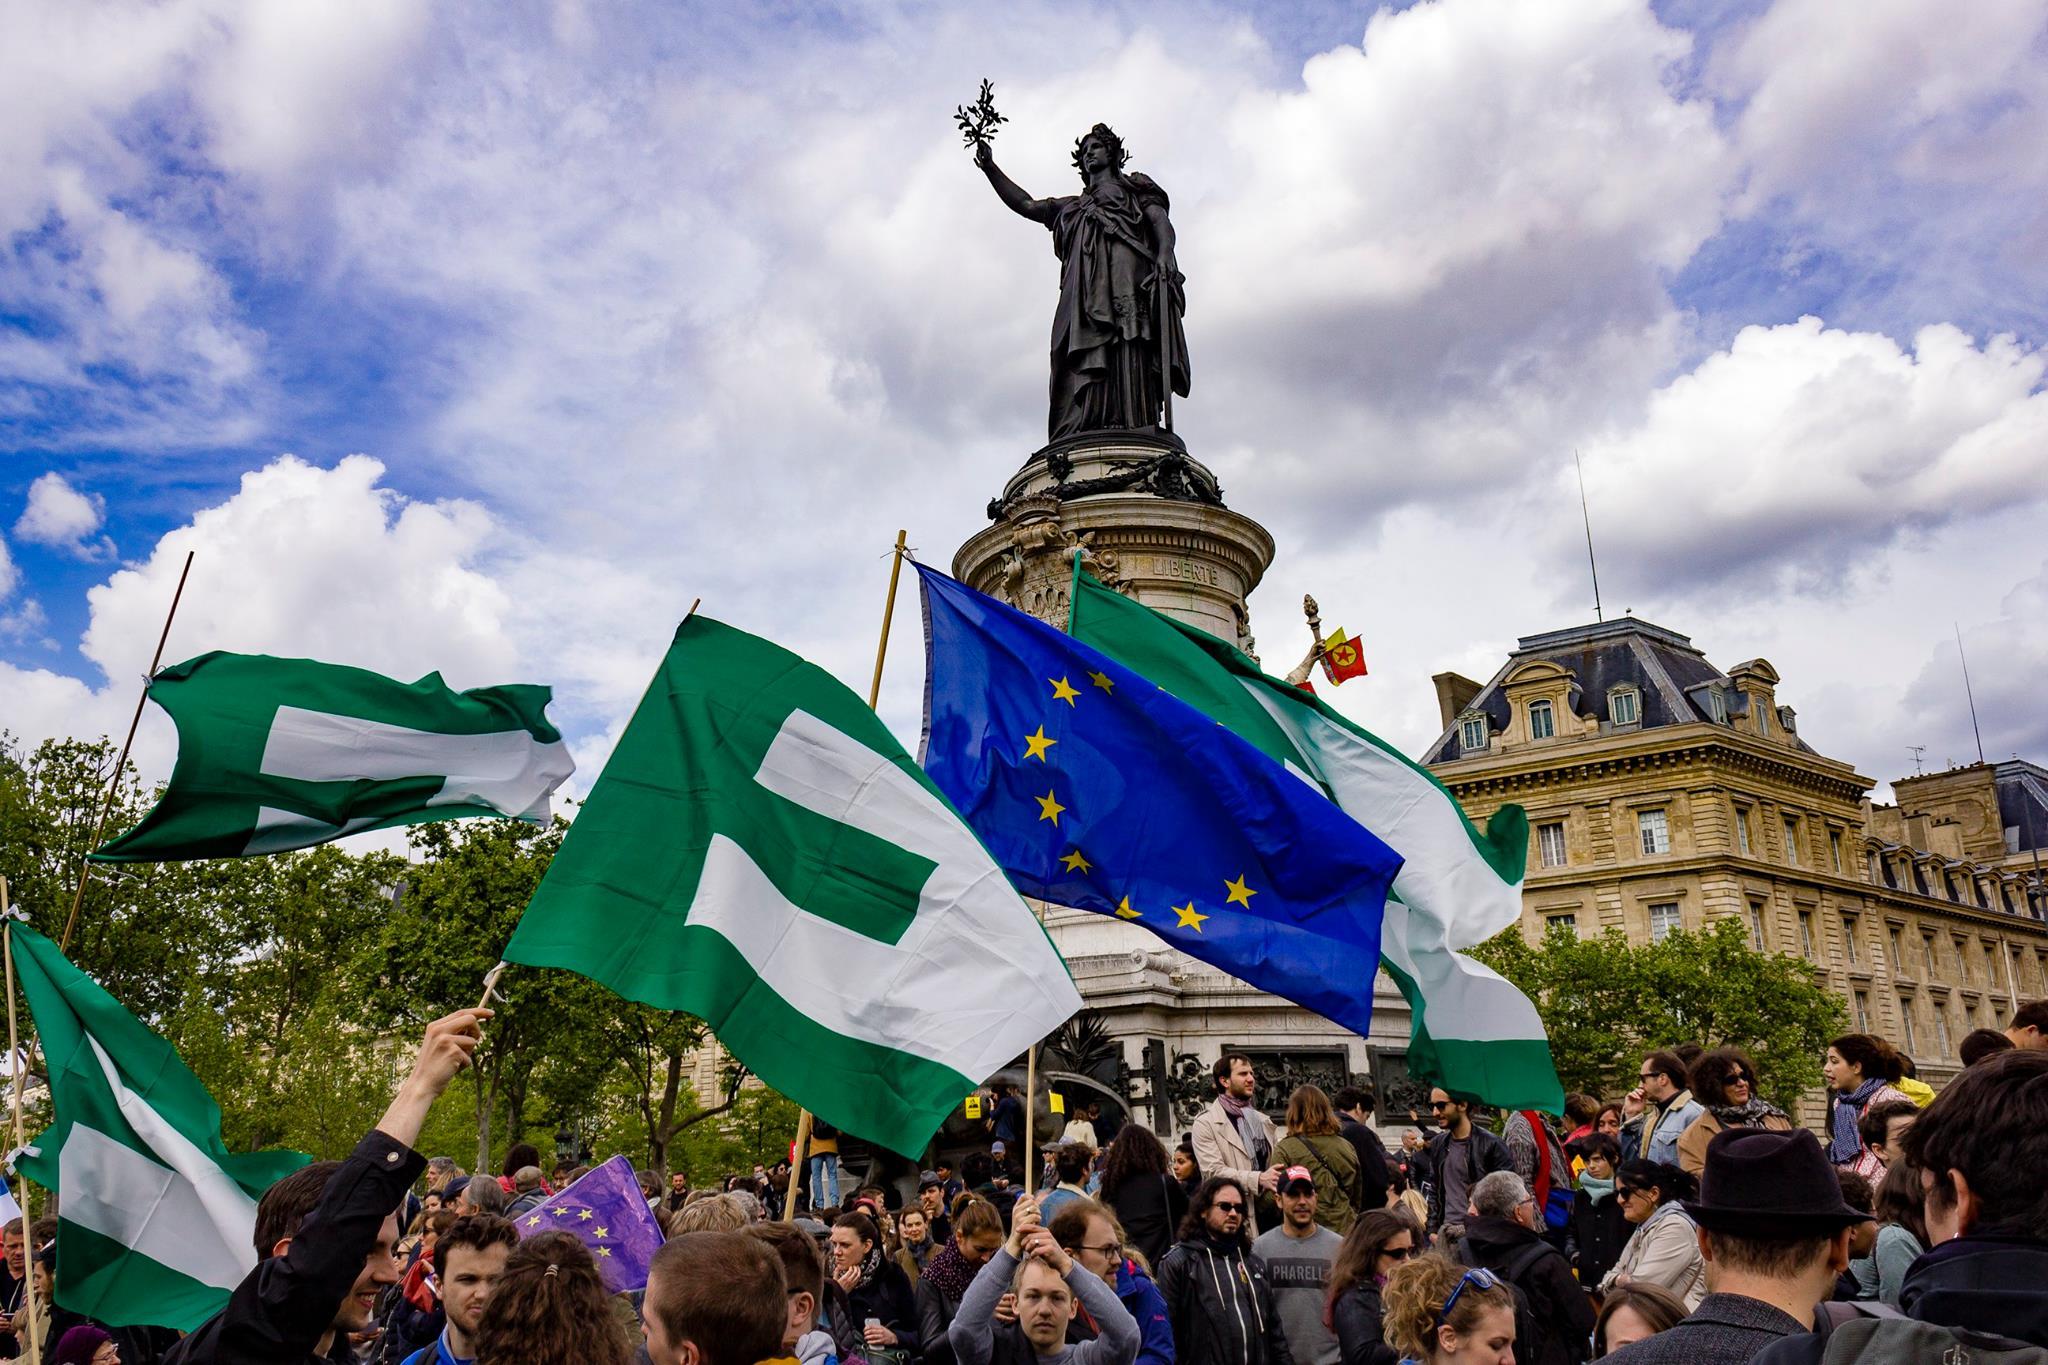 Manifestation - Union des Fédéralistes Européens - France